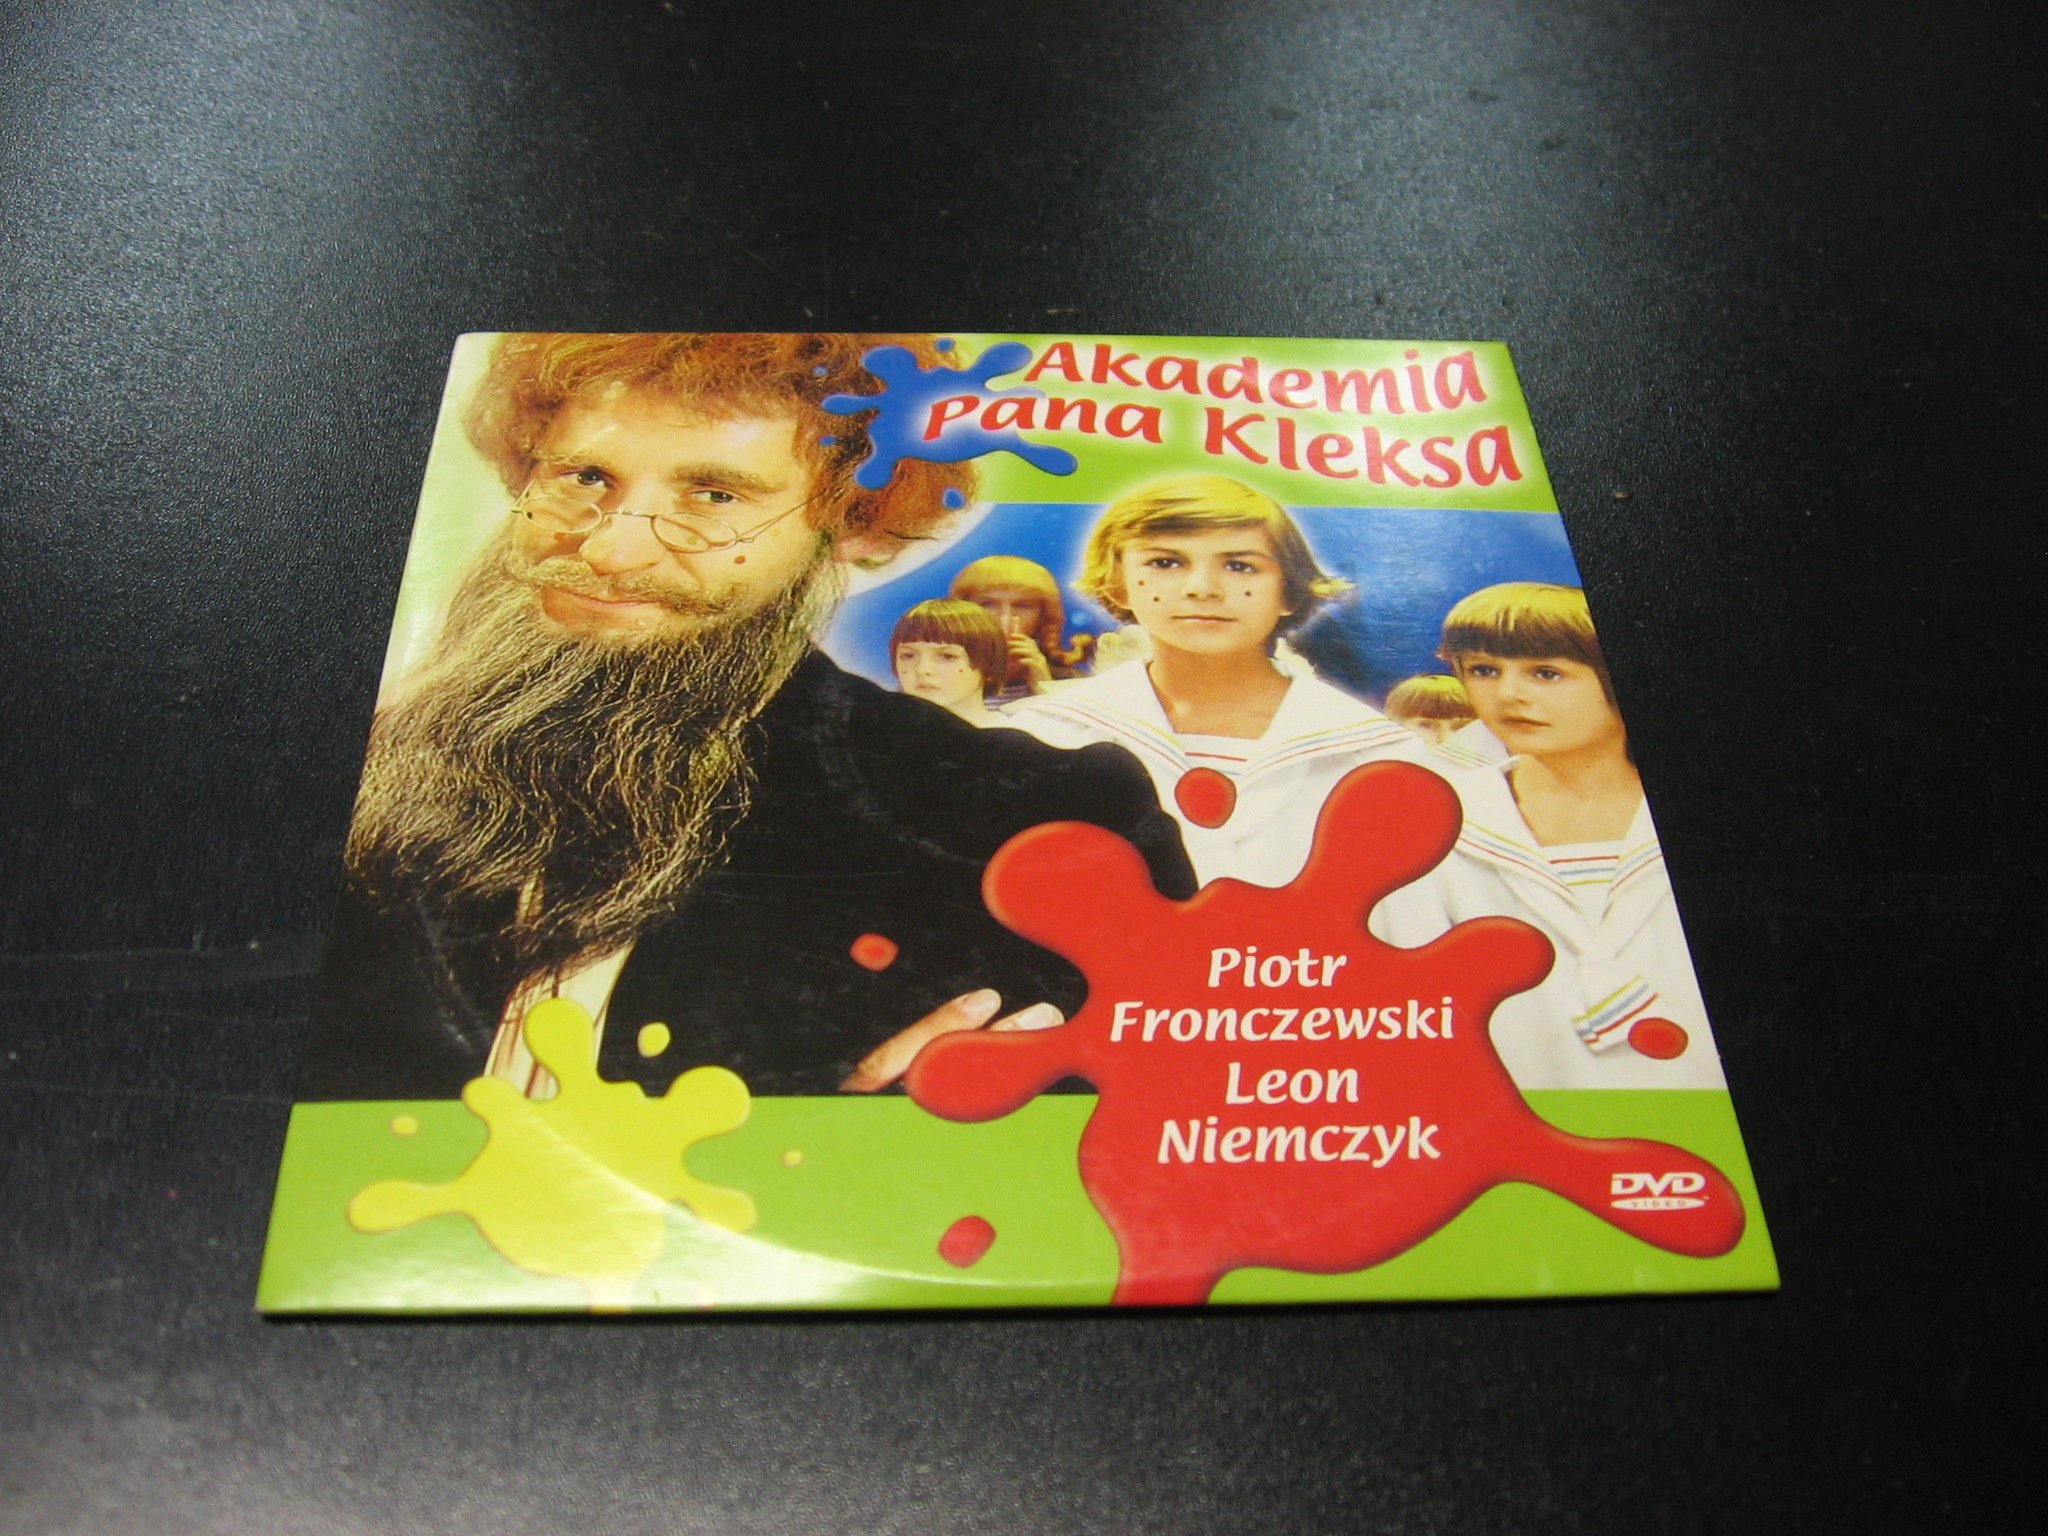 AKADEMIA PANA KLEKSA - PIOTR FRONCZEWSKI - DVD - Opole